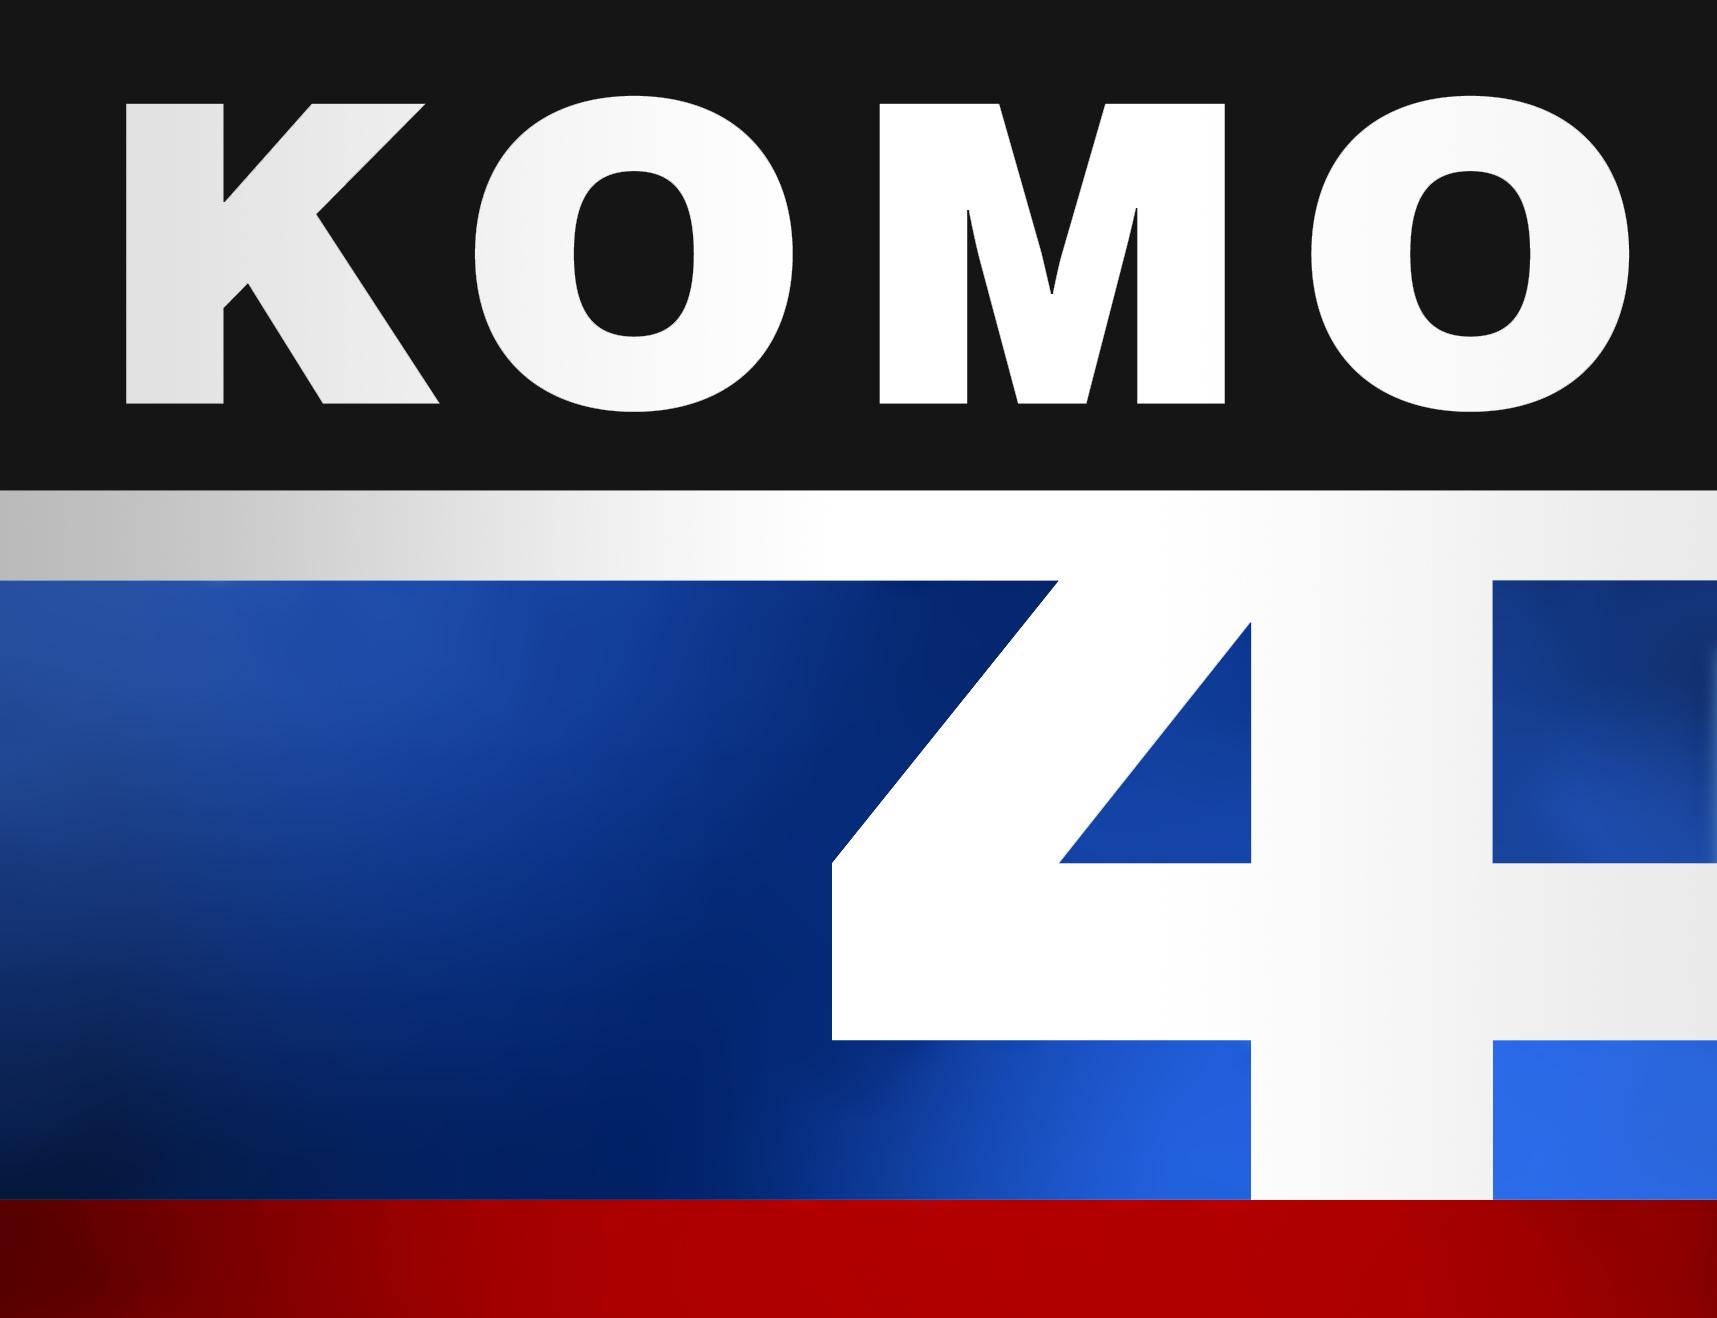 KOMO_4_logo.png